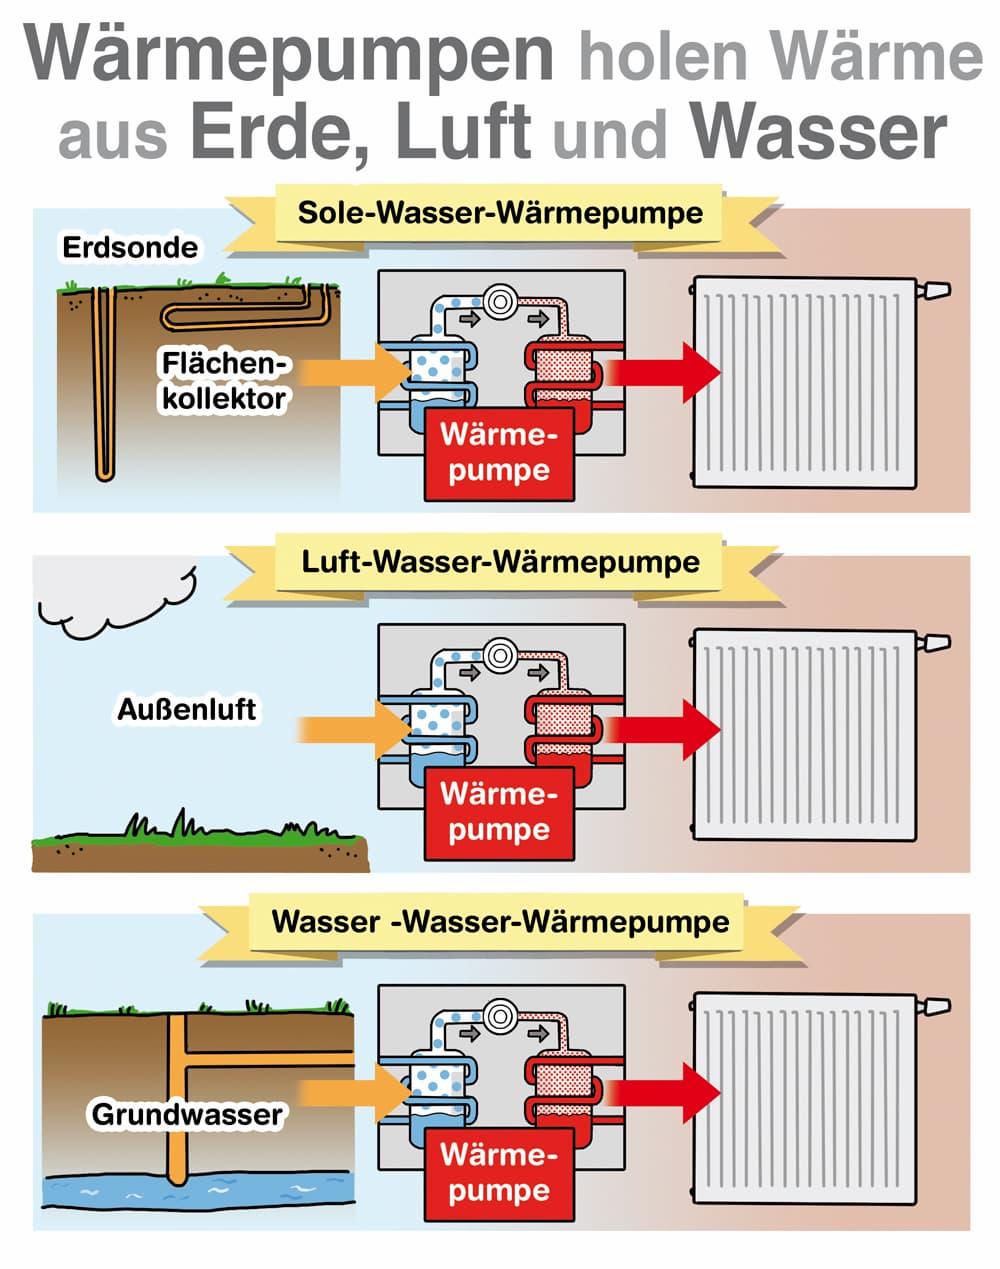 Wärmepumpe können Wärme aus Erde, Luft oder Wasser gewinnen